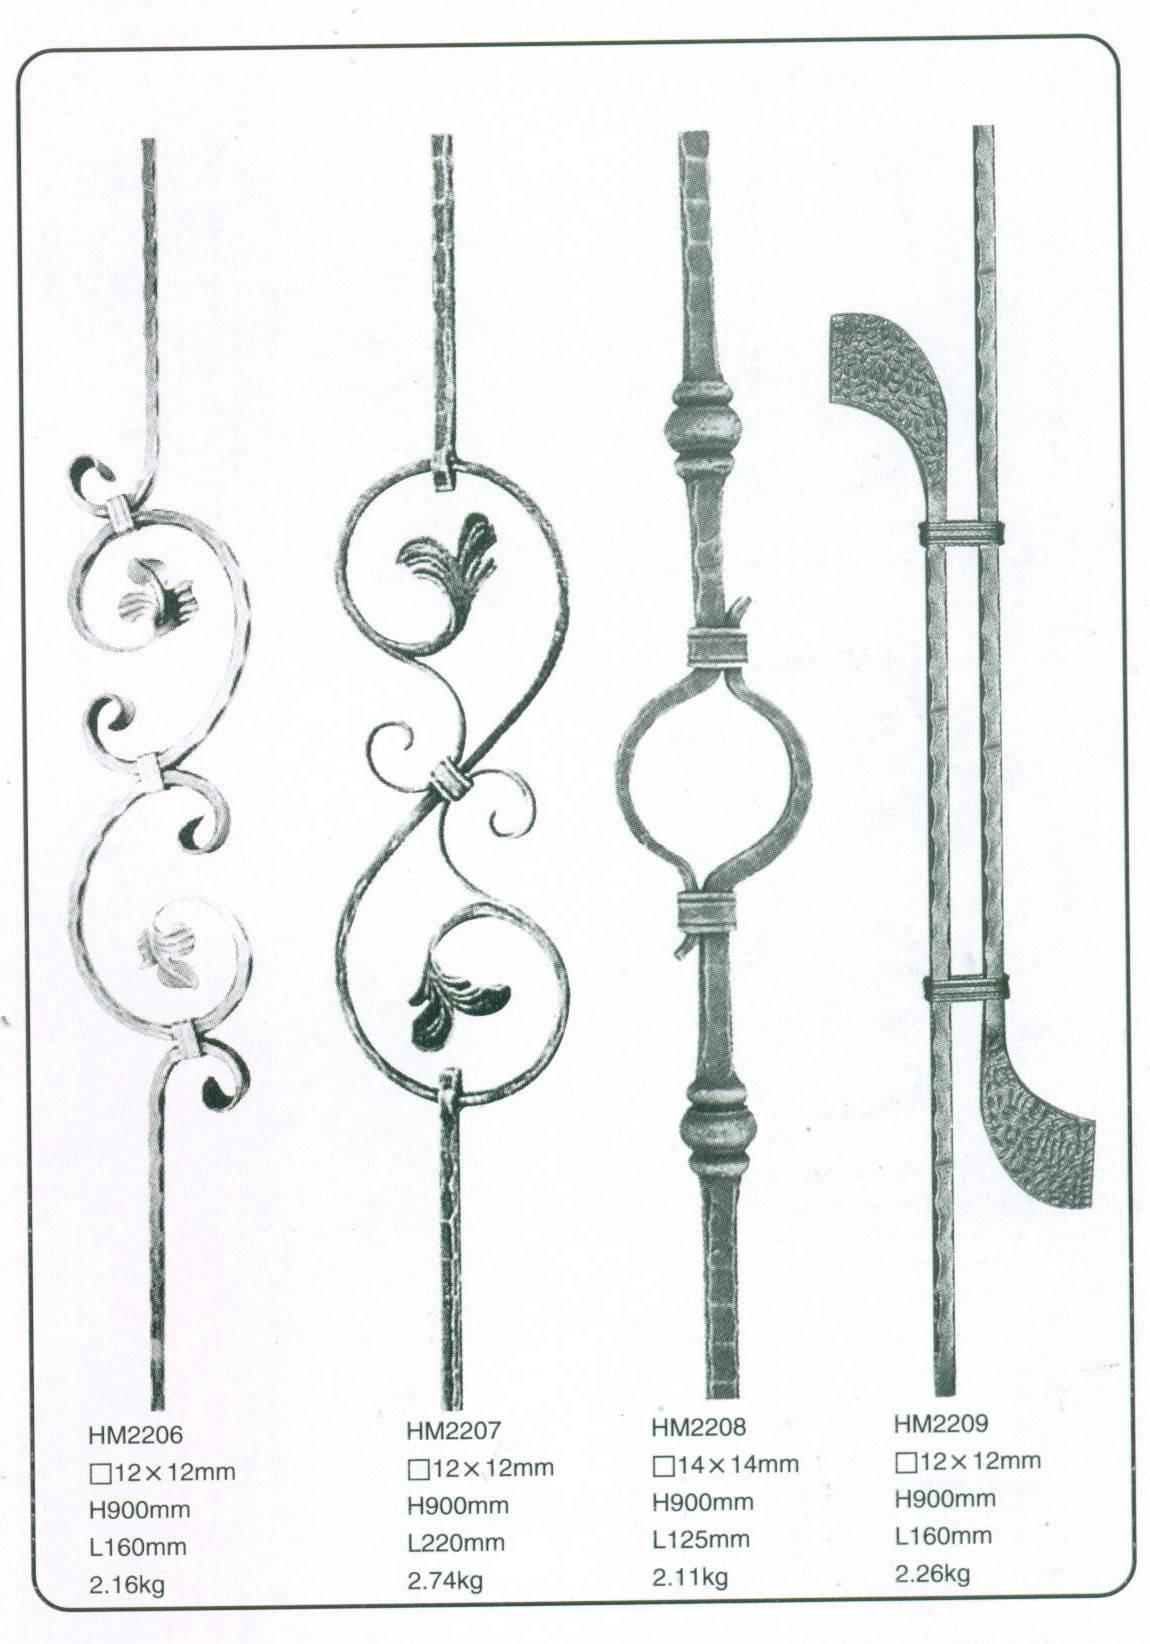 fence,balustrade,decorative iron, ornament iron,railing